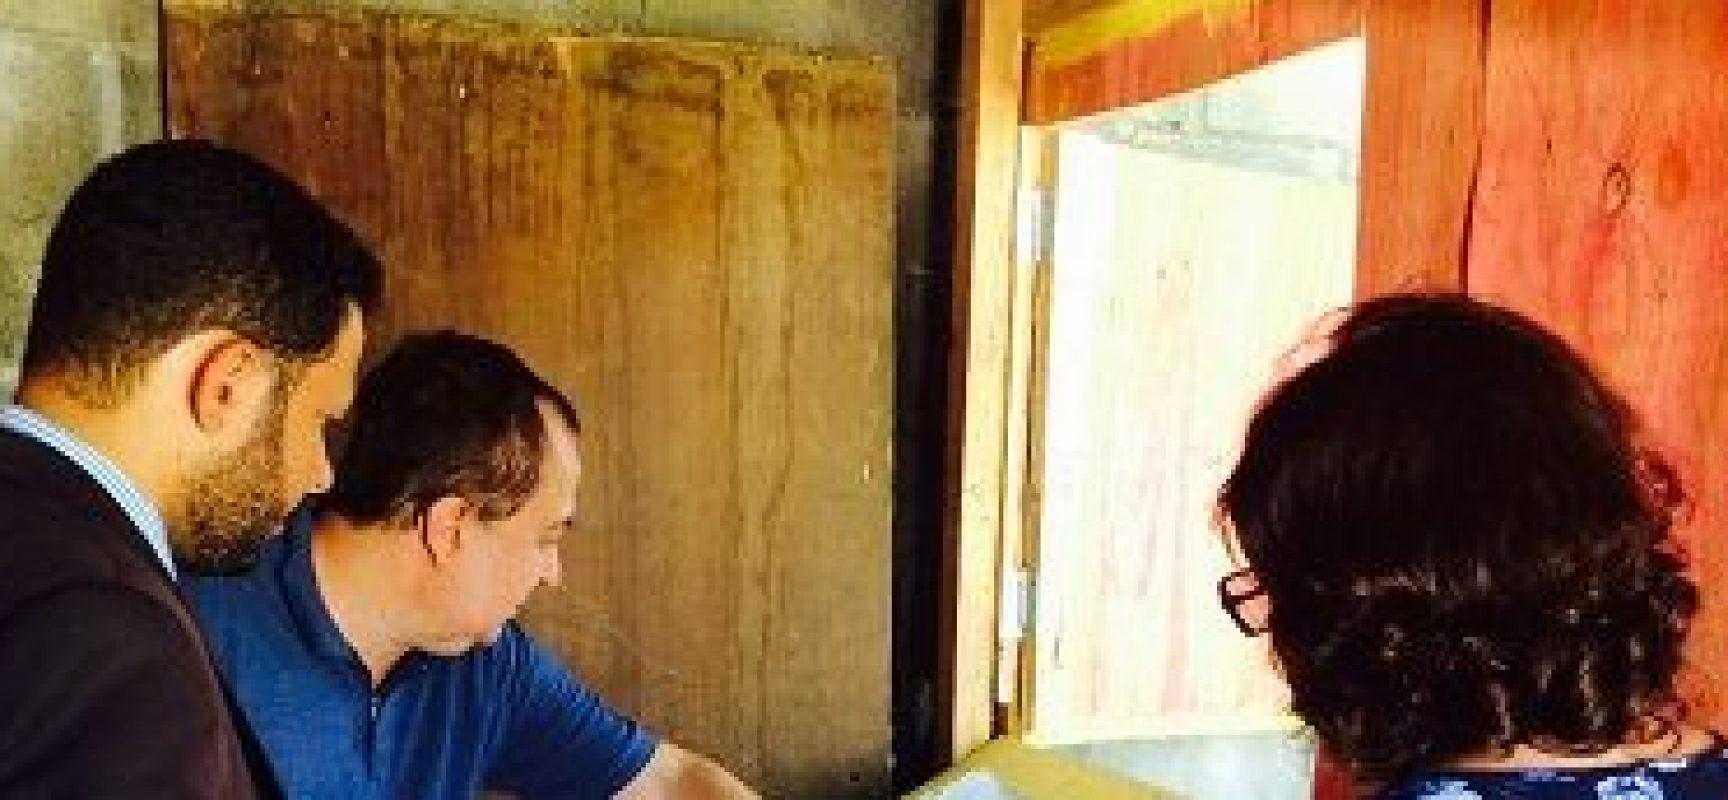 Vereador Thadeu Muniz comemora retomada da construção da creche escola na Vila Lídia